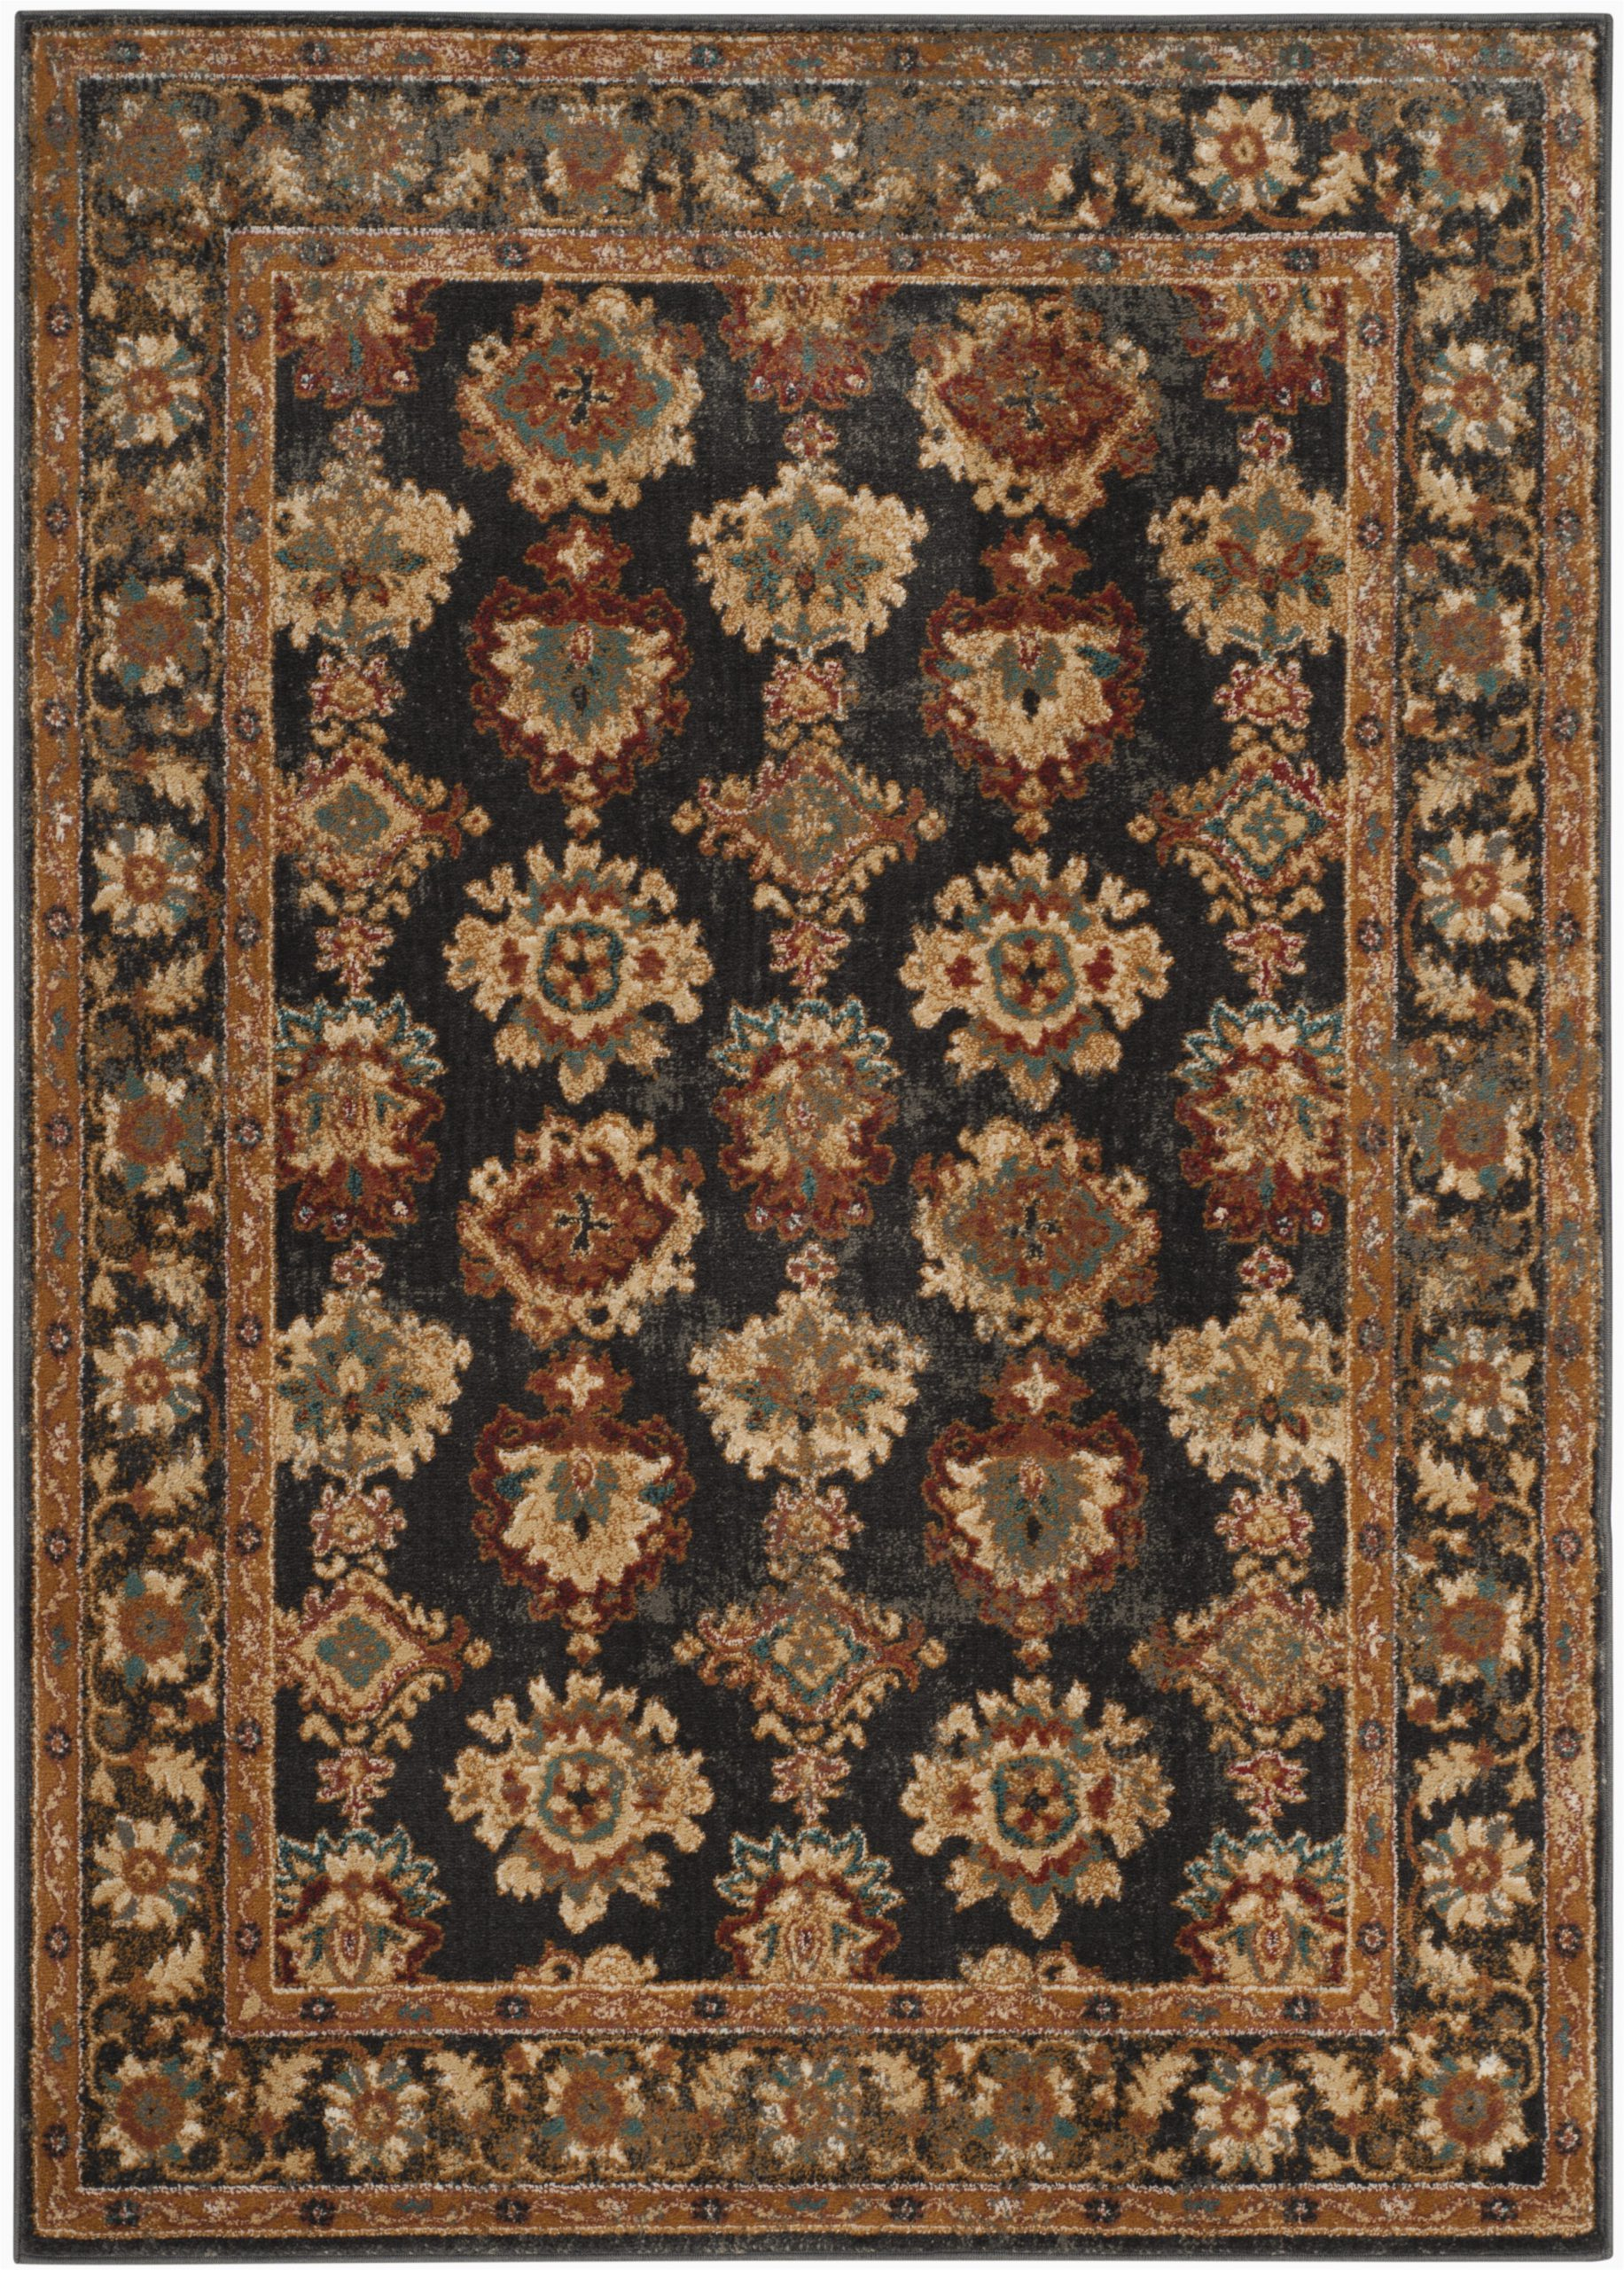 lowe multi color area rug